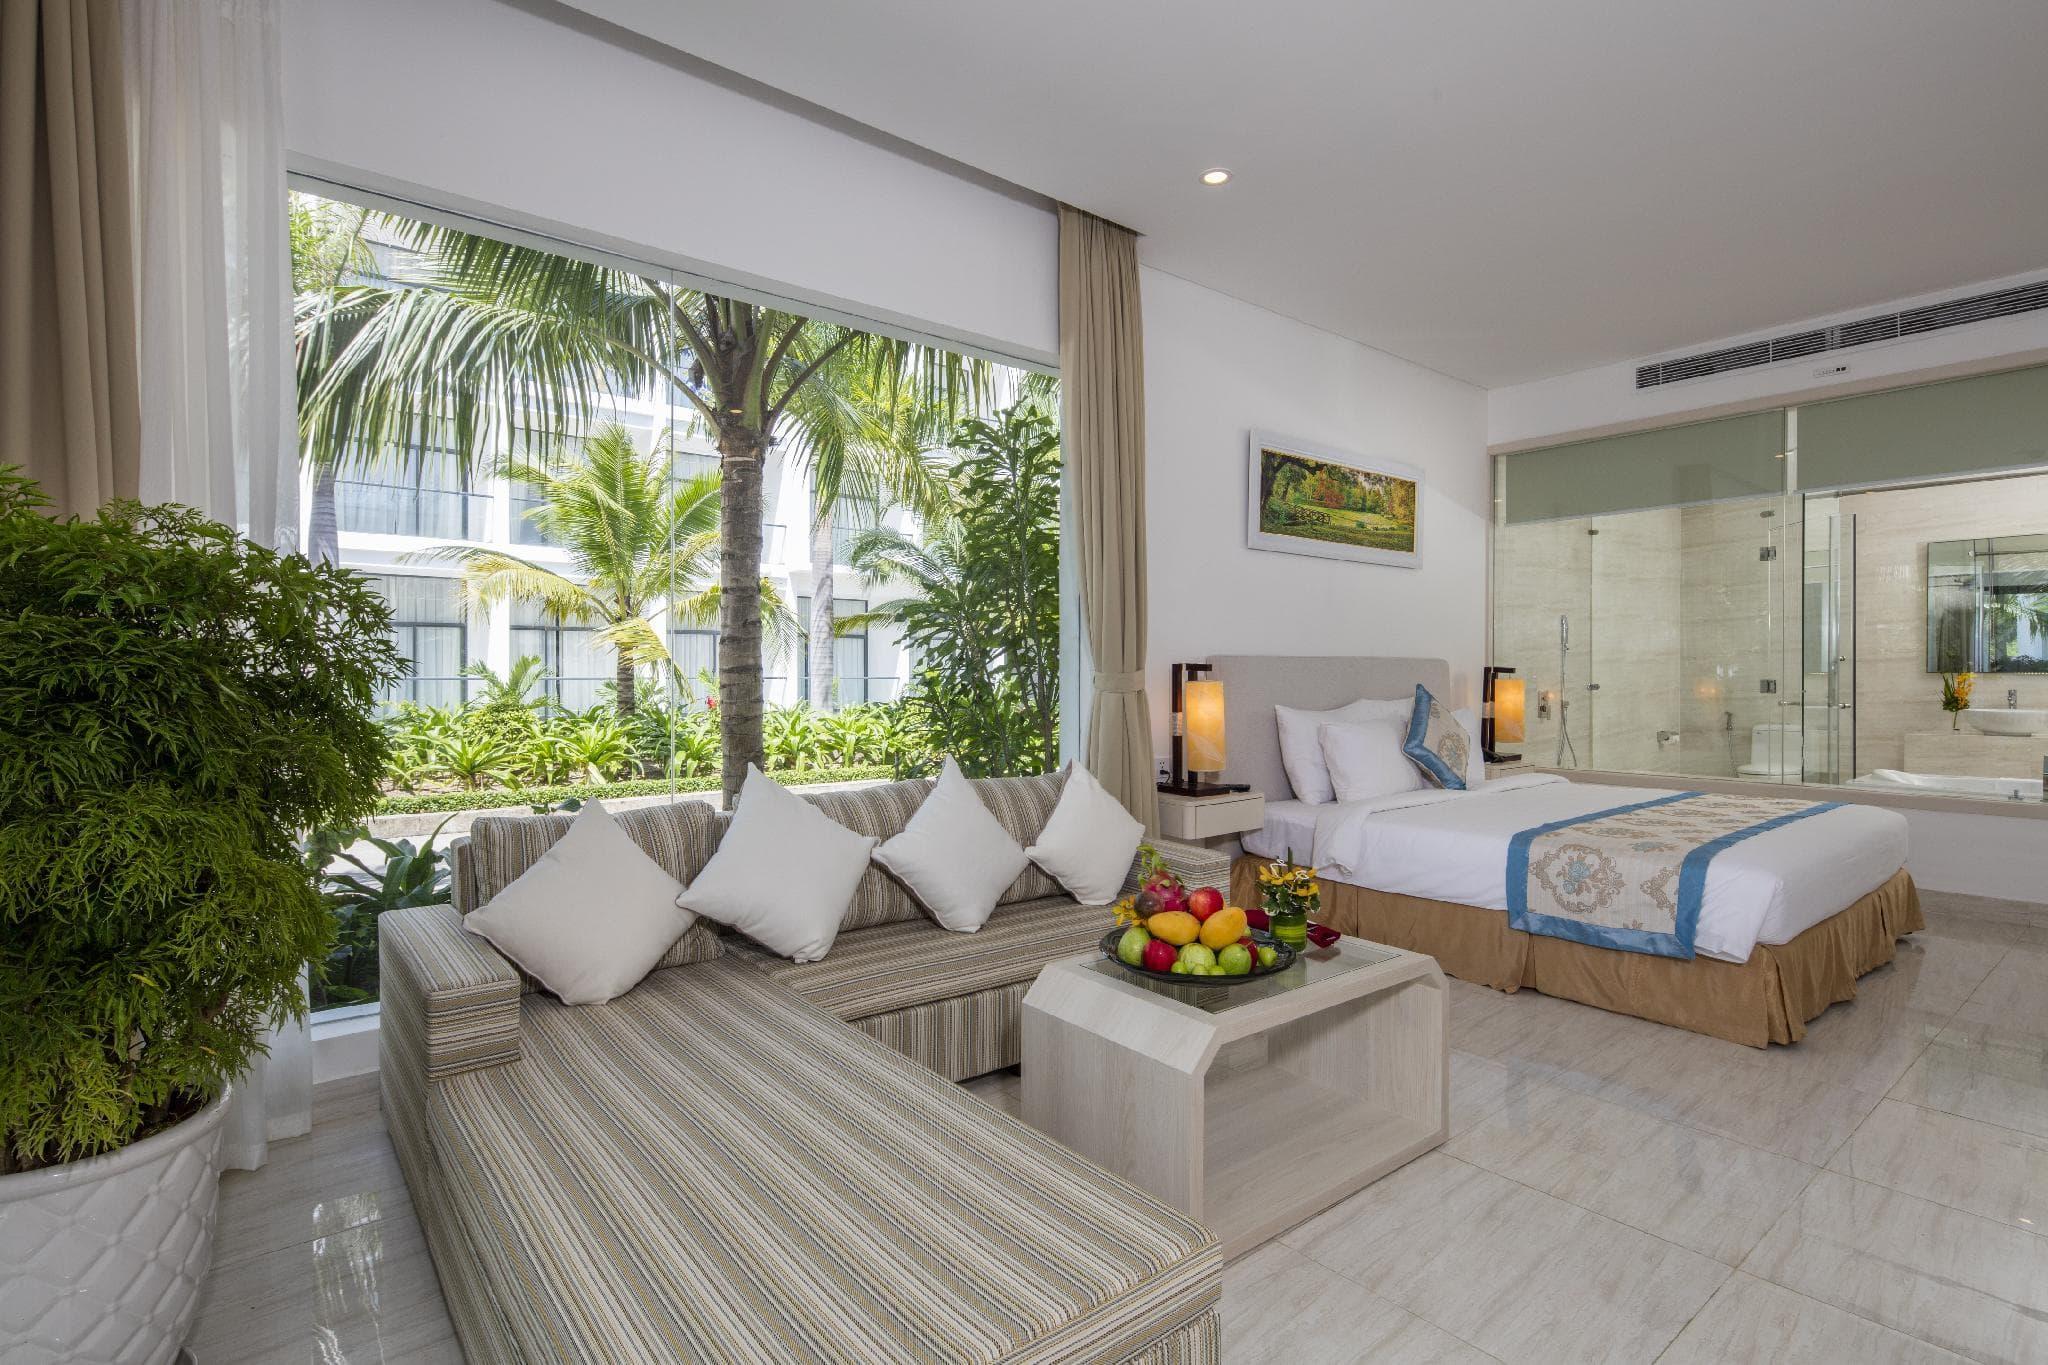 Resrot Nha Trang Có Bãi Biển Riêng - Diamond Bay Condotel – Resort Nha Trang